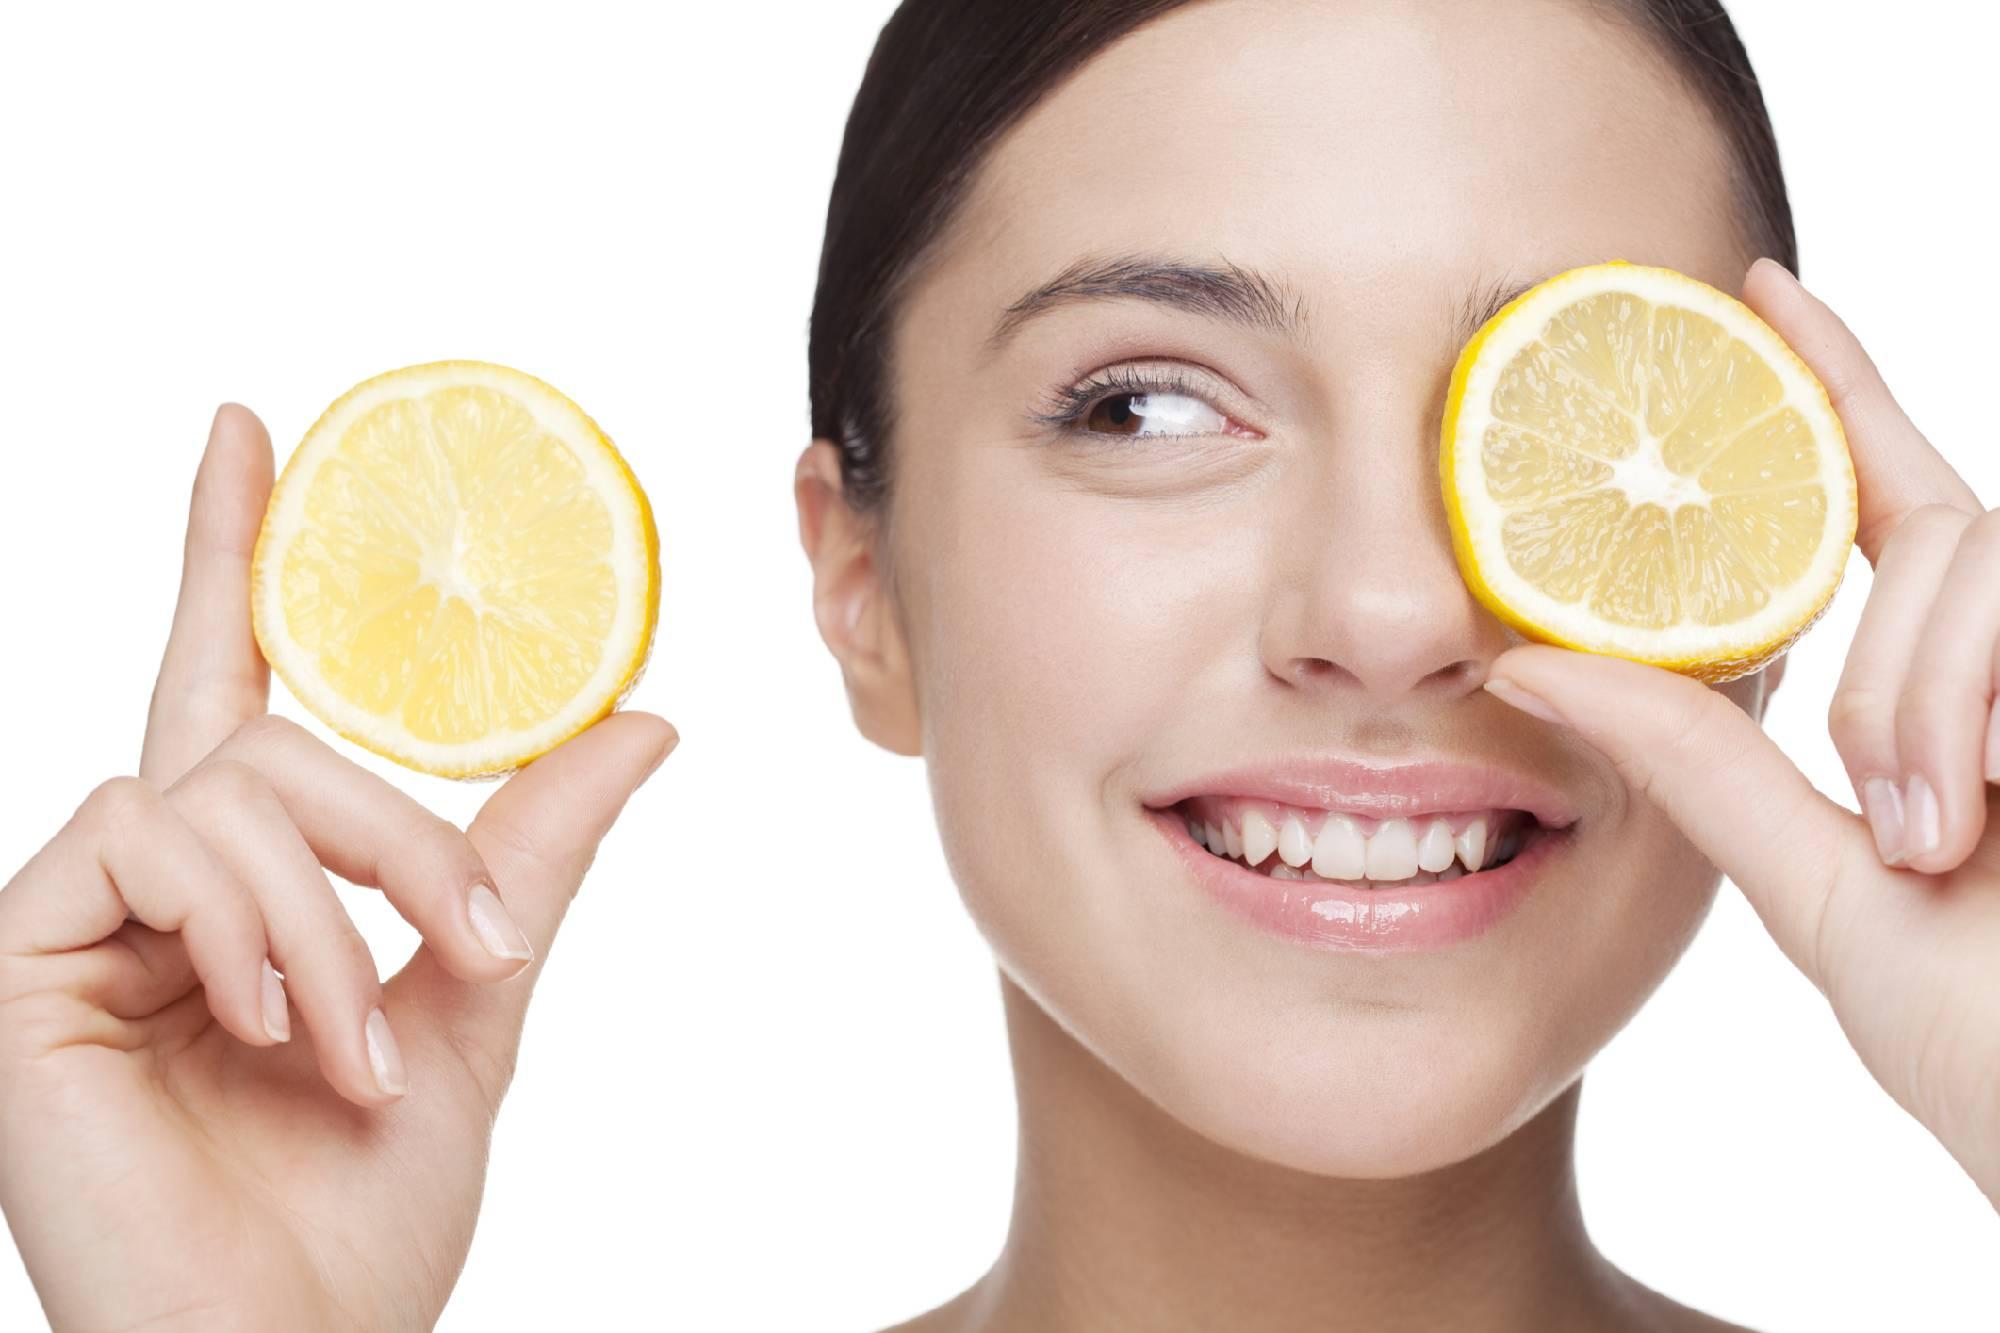 vitamina-c-para-el-rostro-2000x1333-78